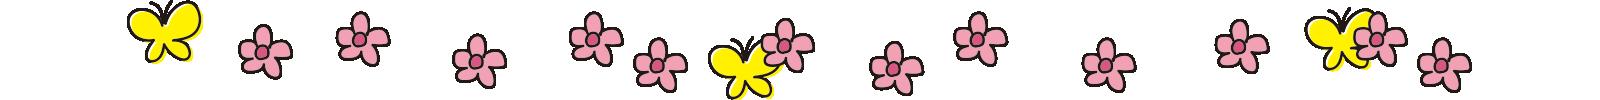 花とちょうのライン